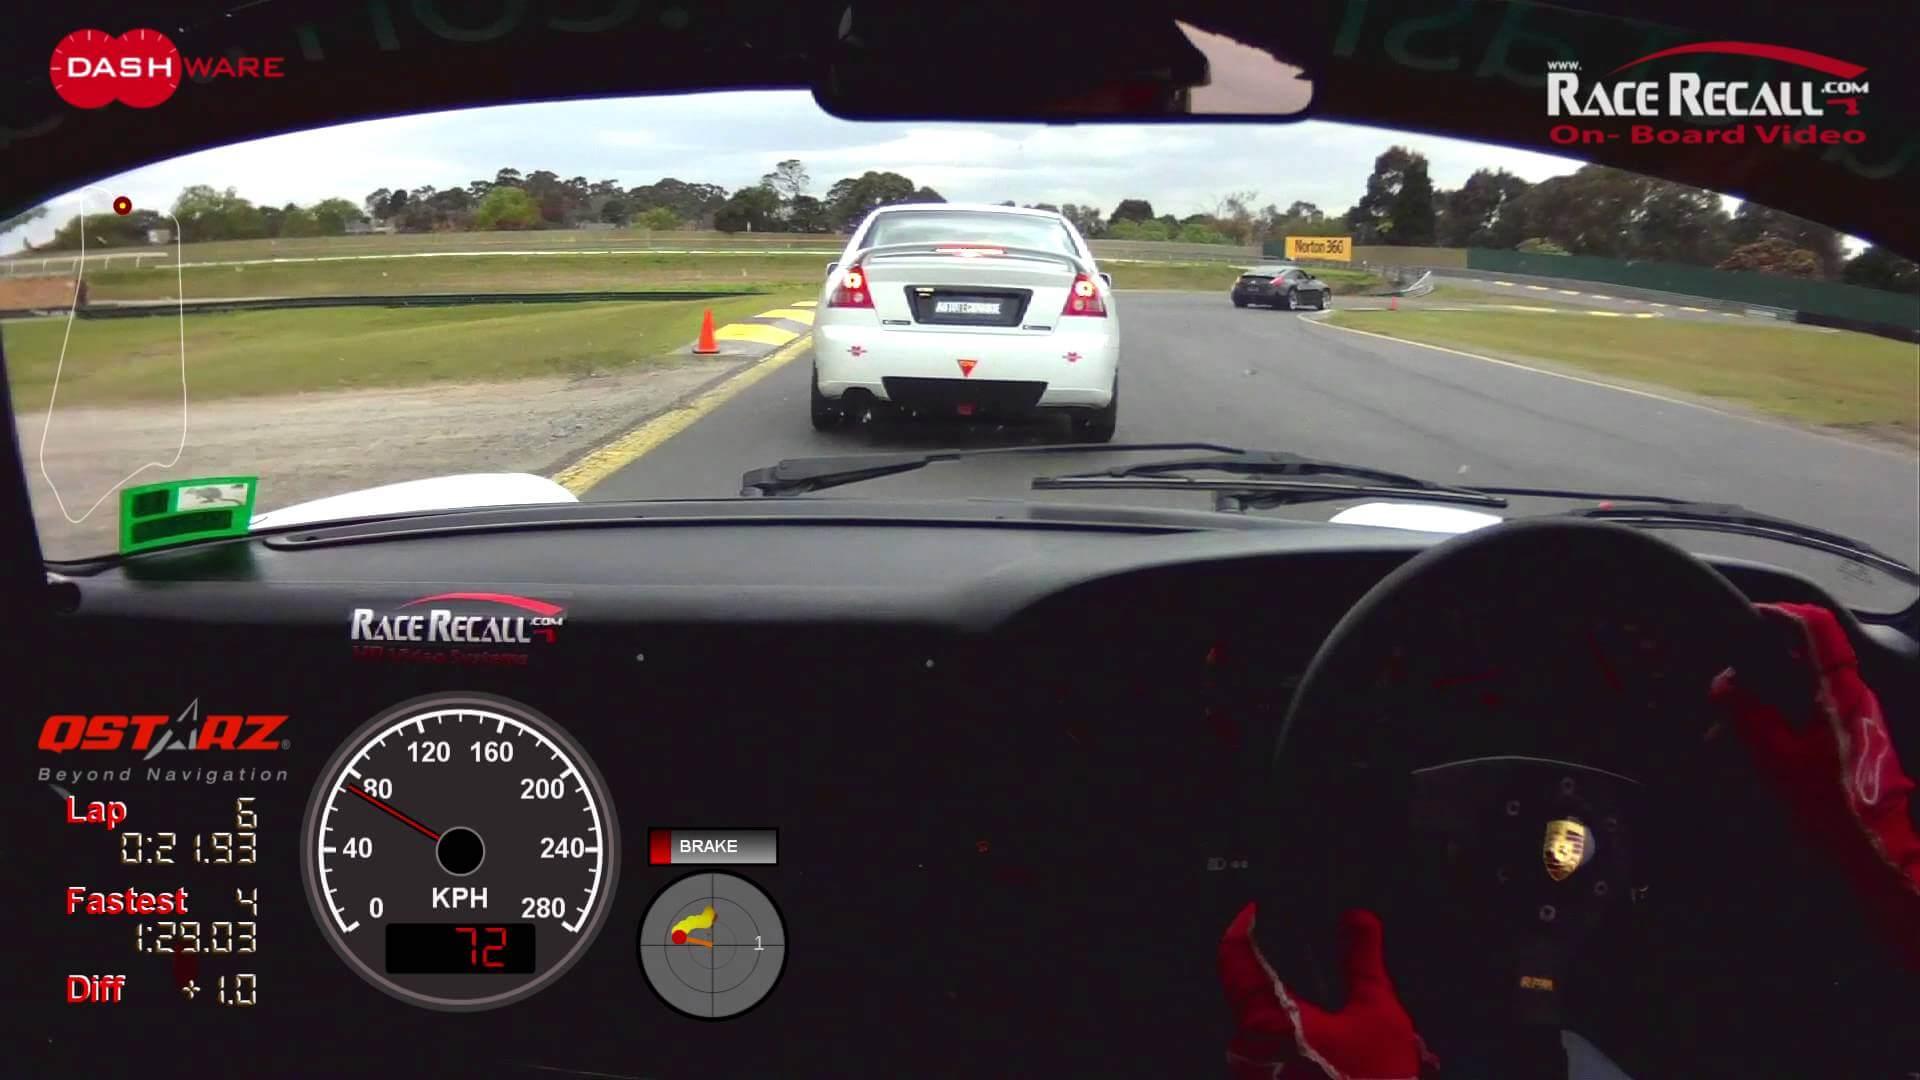 Tutoriel pour incruster les données Race Chrono dans une vidéo avec